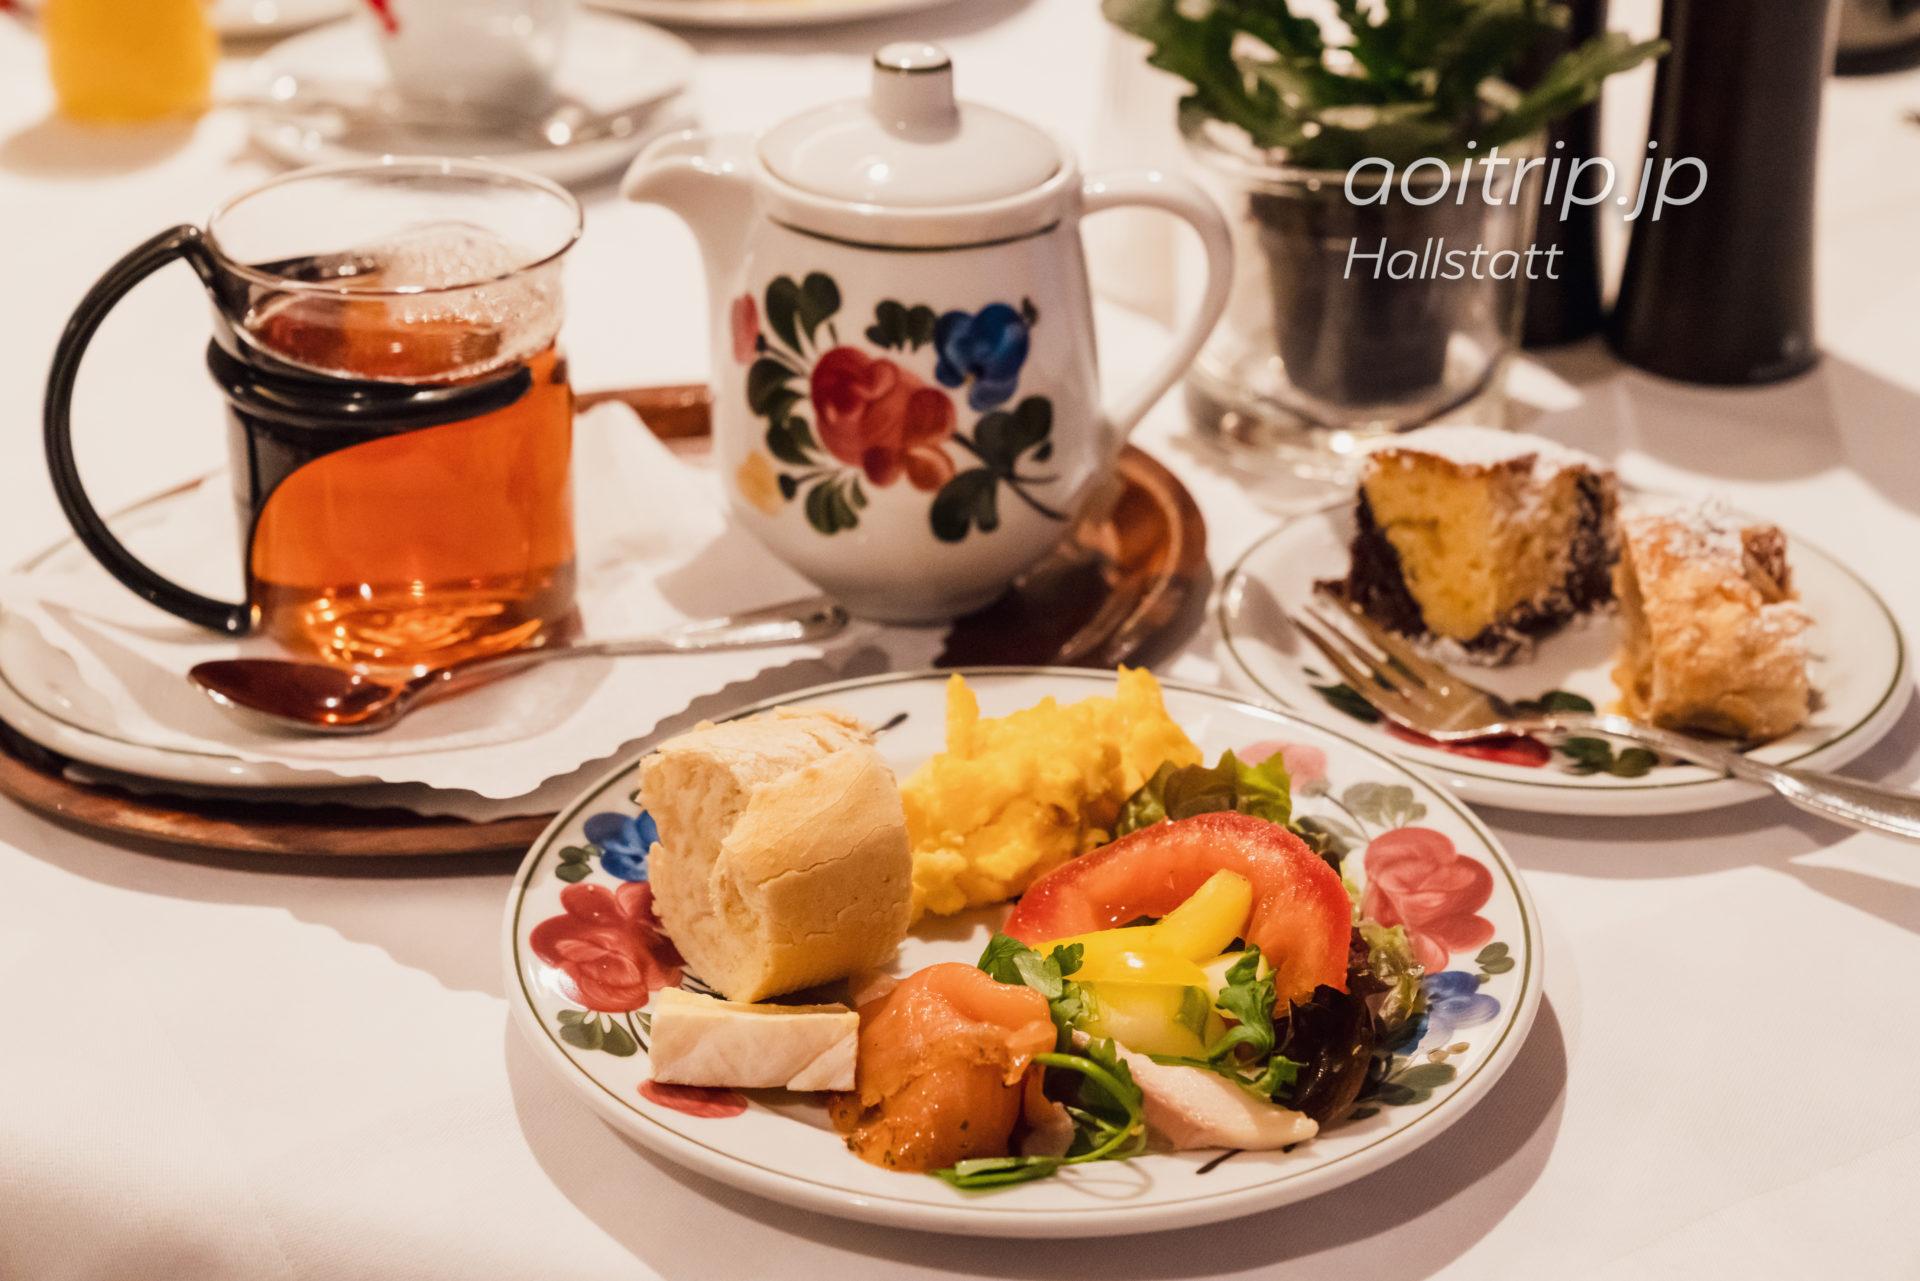 ゼーヴィルト ツァウナー ハルシュタットの朝食